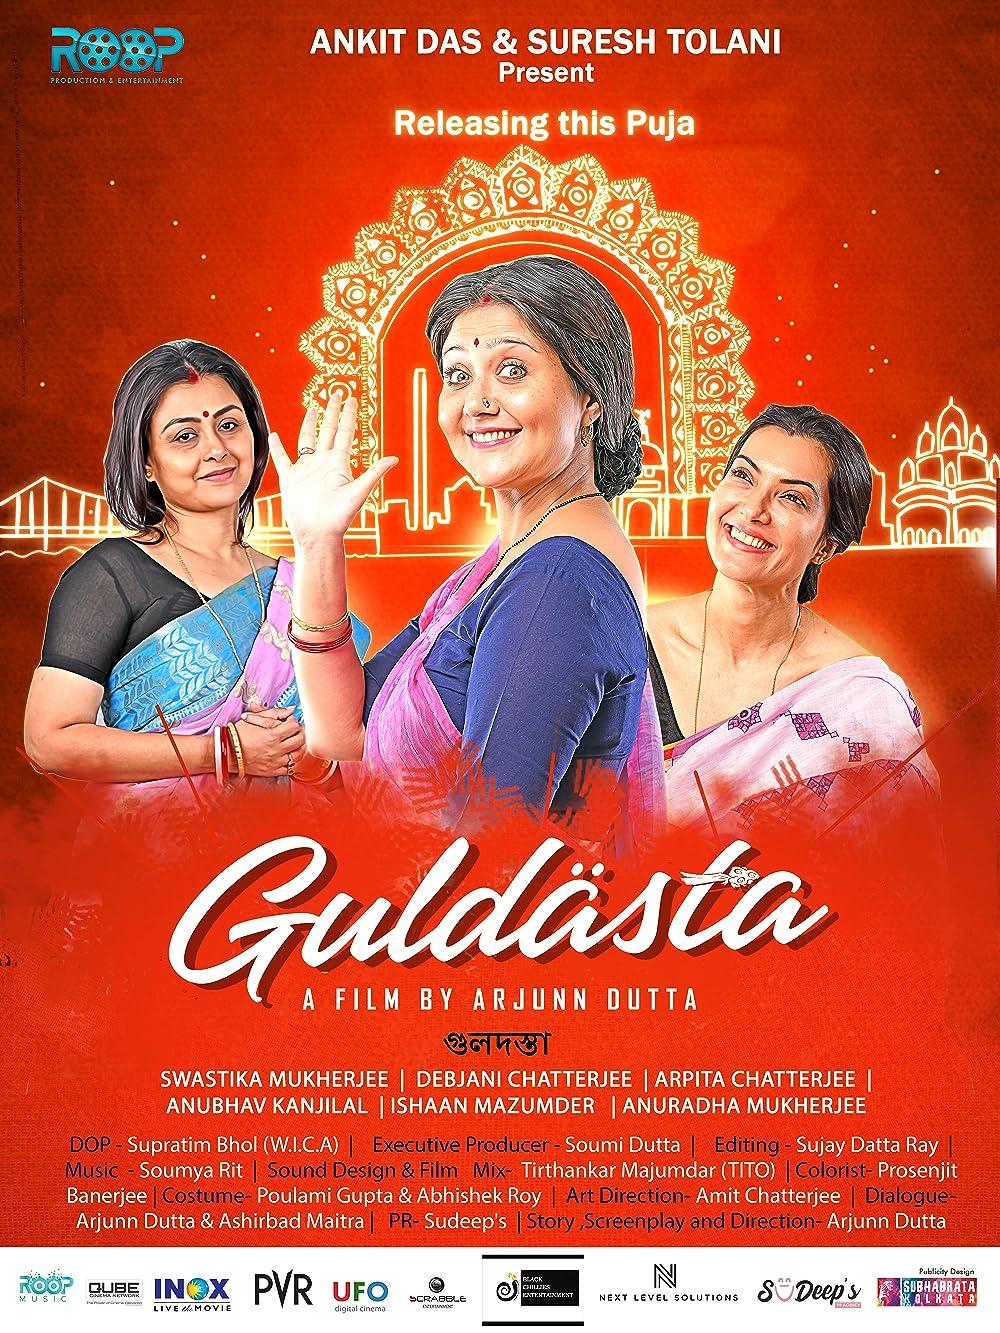 Guldasta 2020 Bengali Zee5 720p WEB-DL 750MB